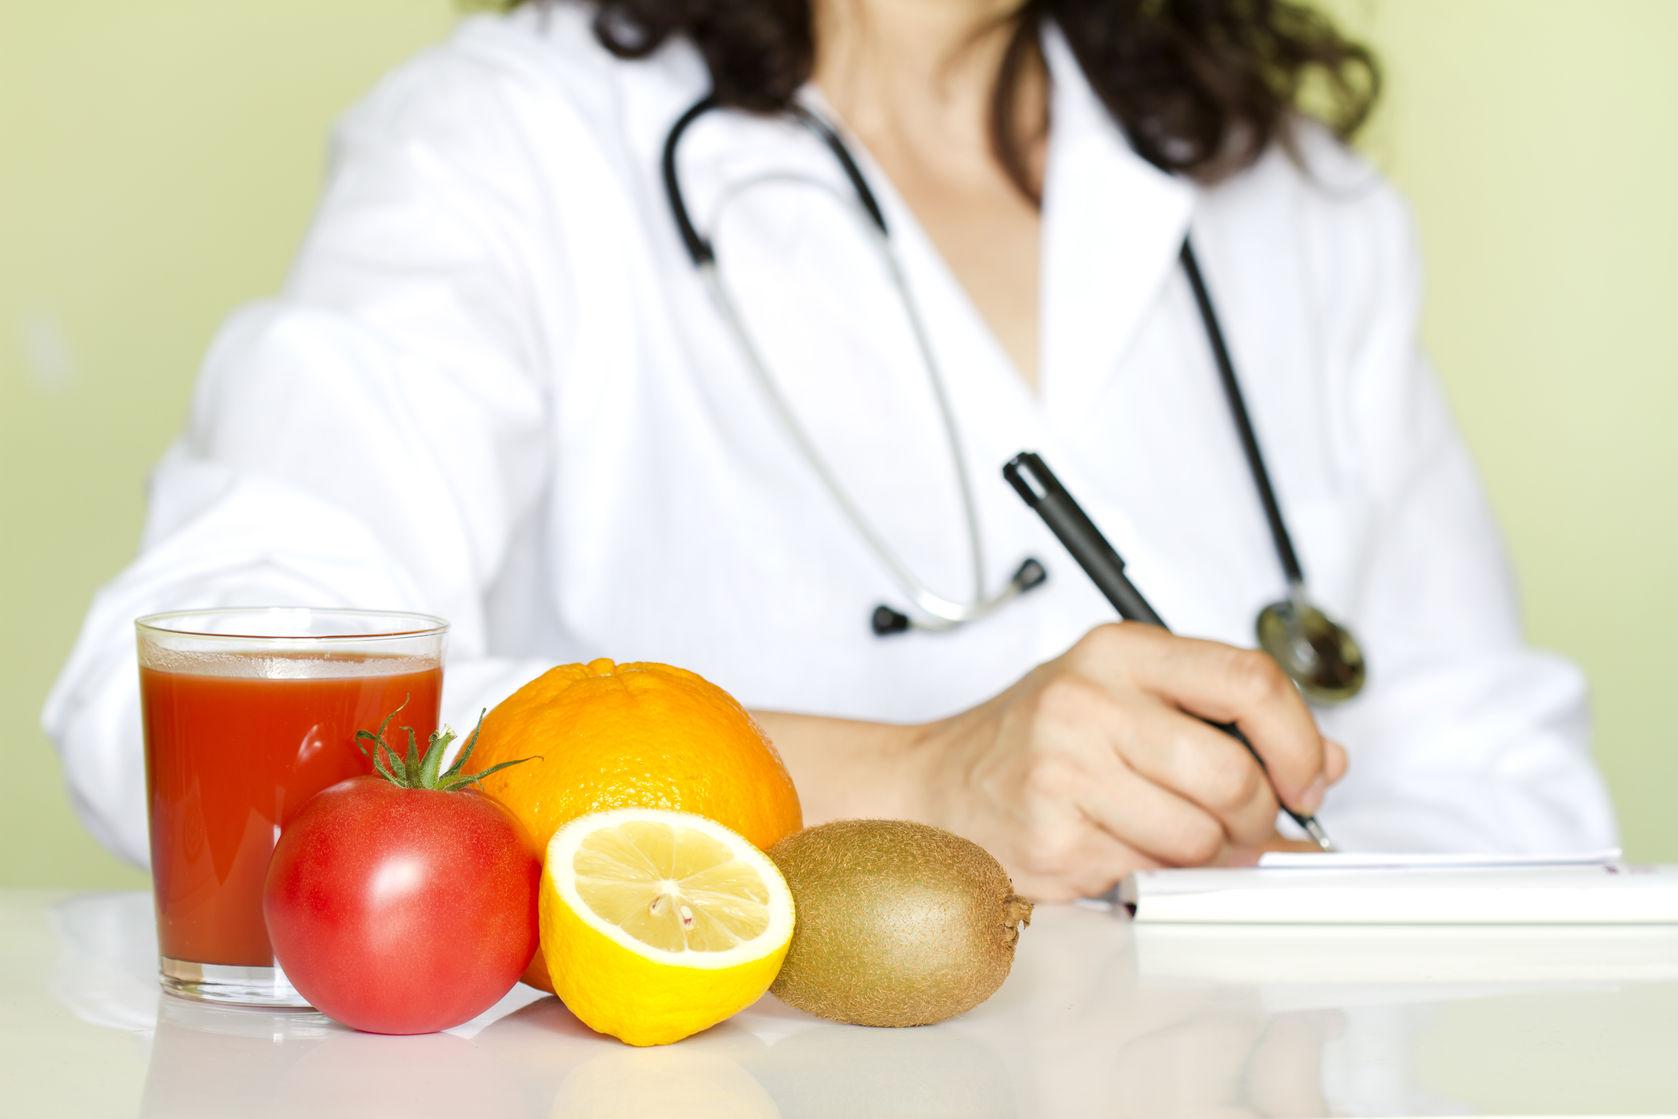 Asesoramiento nutricional individualizado